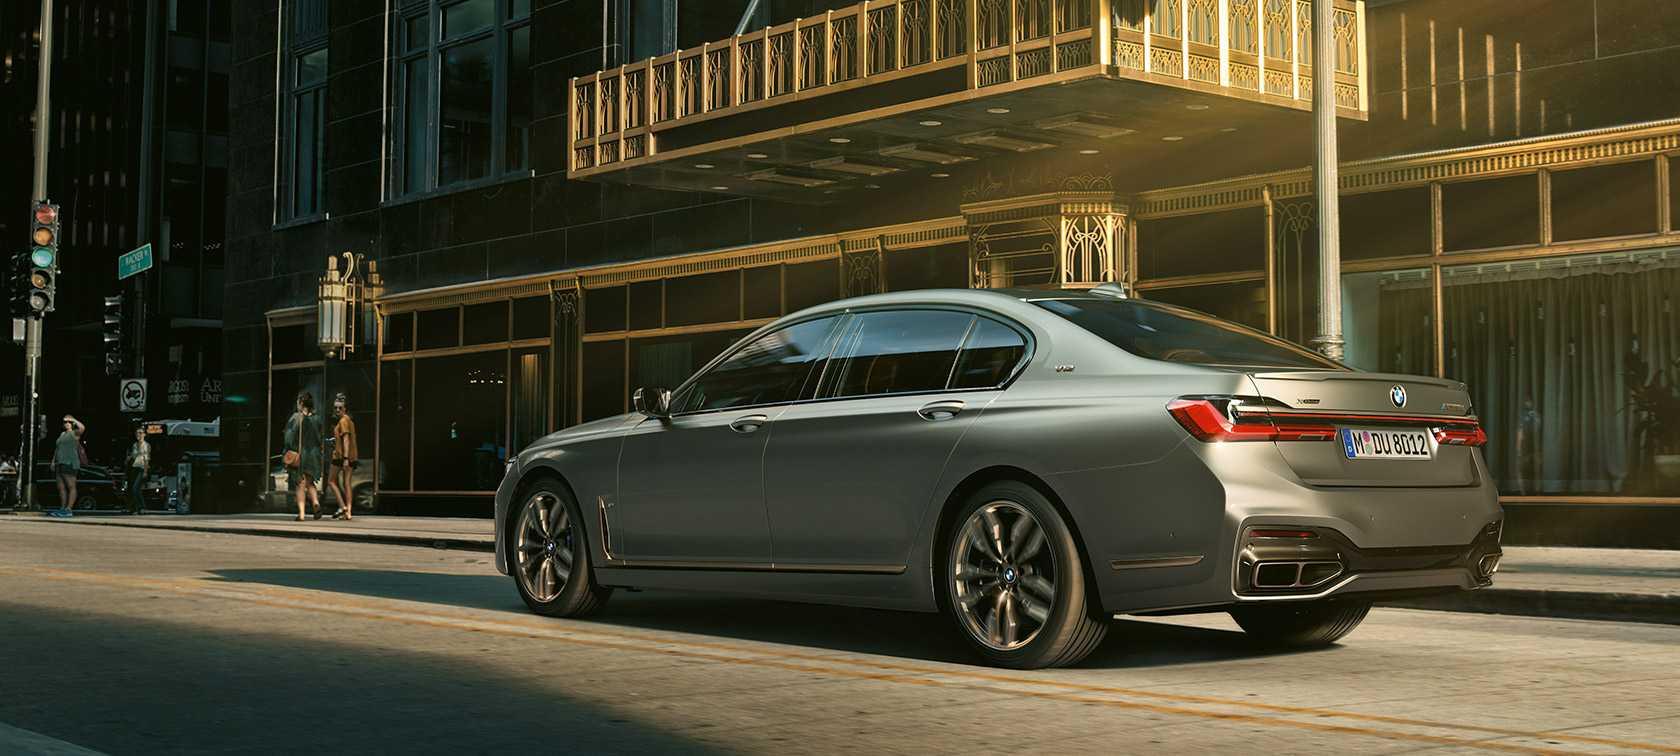 Технические характеристики БМВ 7 серии 2019-2021 Long M760Li xDrive 6.6 AT 4x4 609 л.с., седан: BMW 7